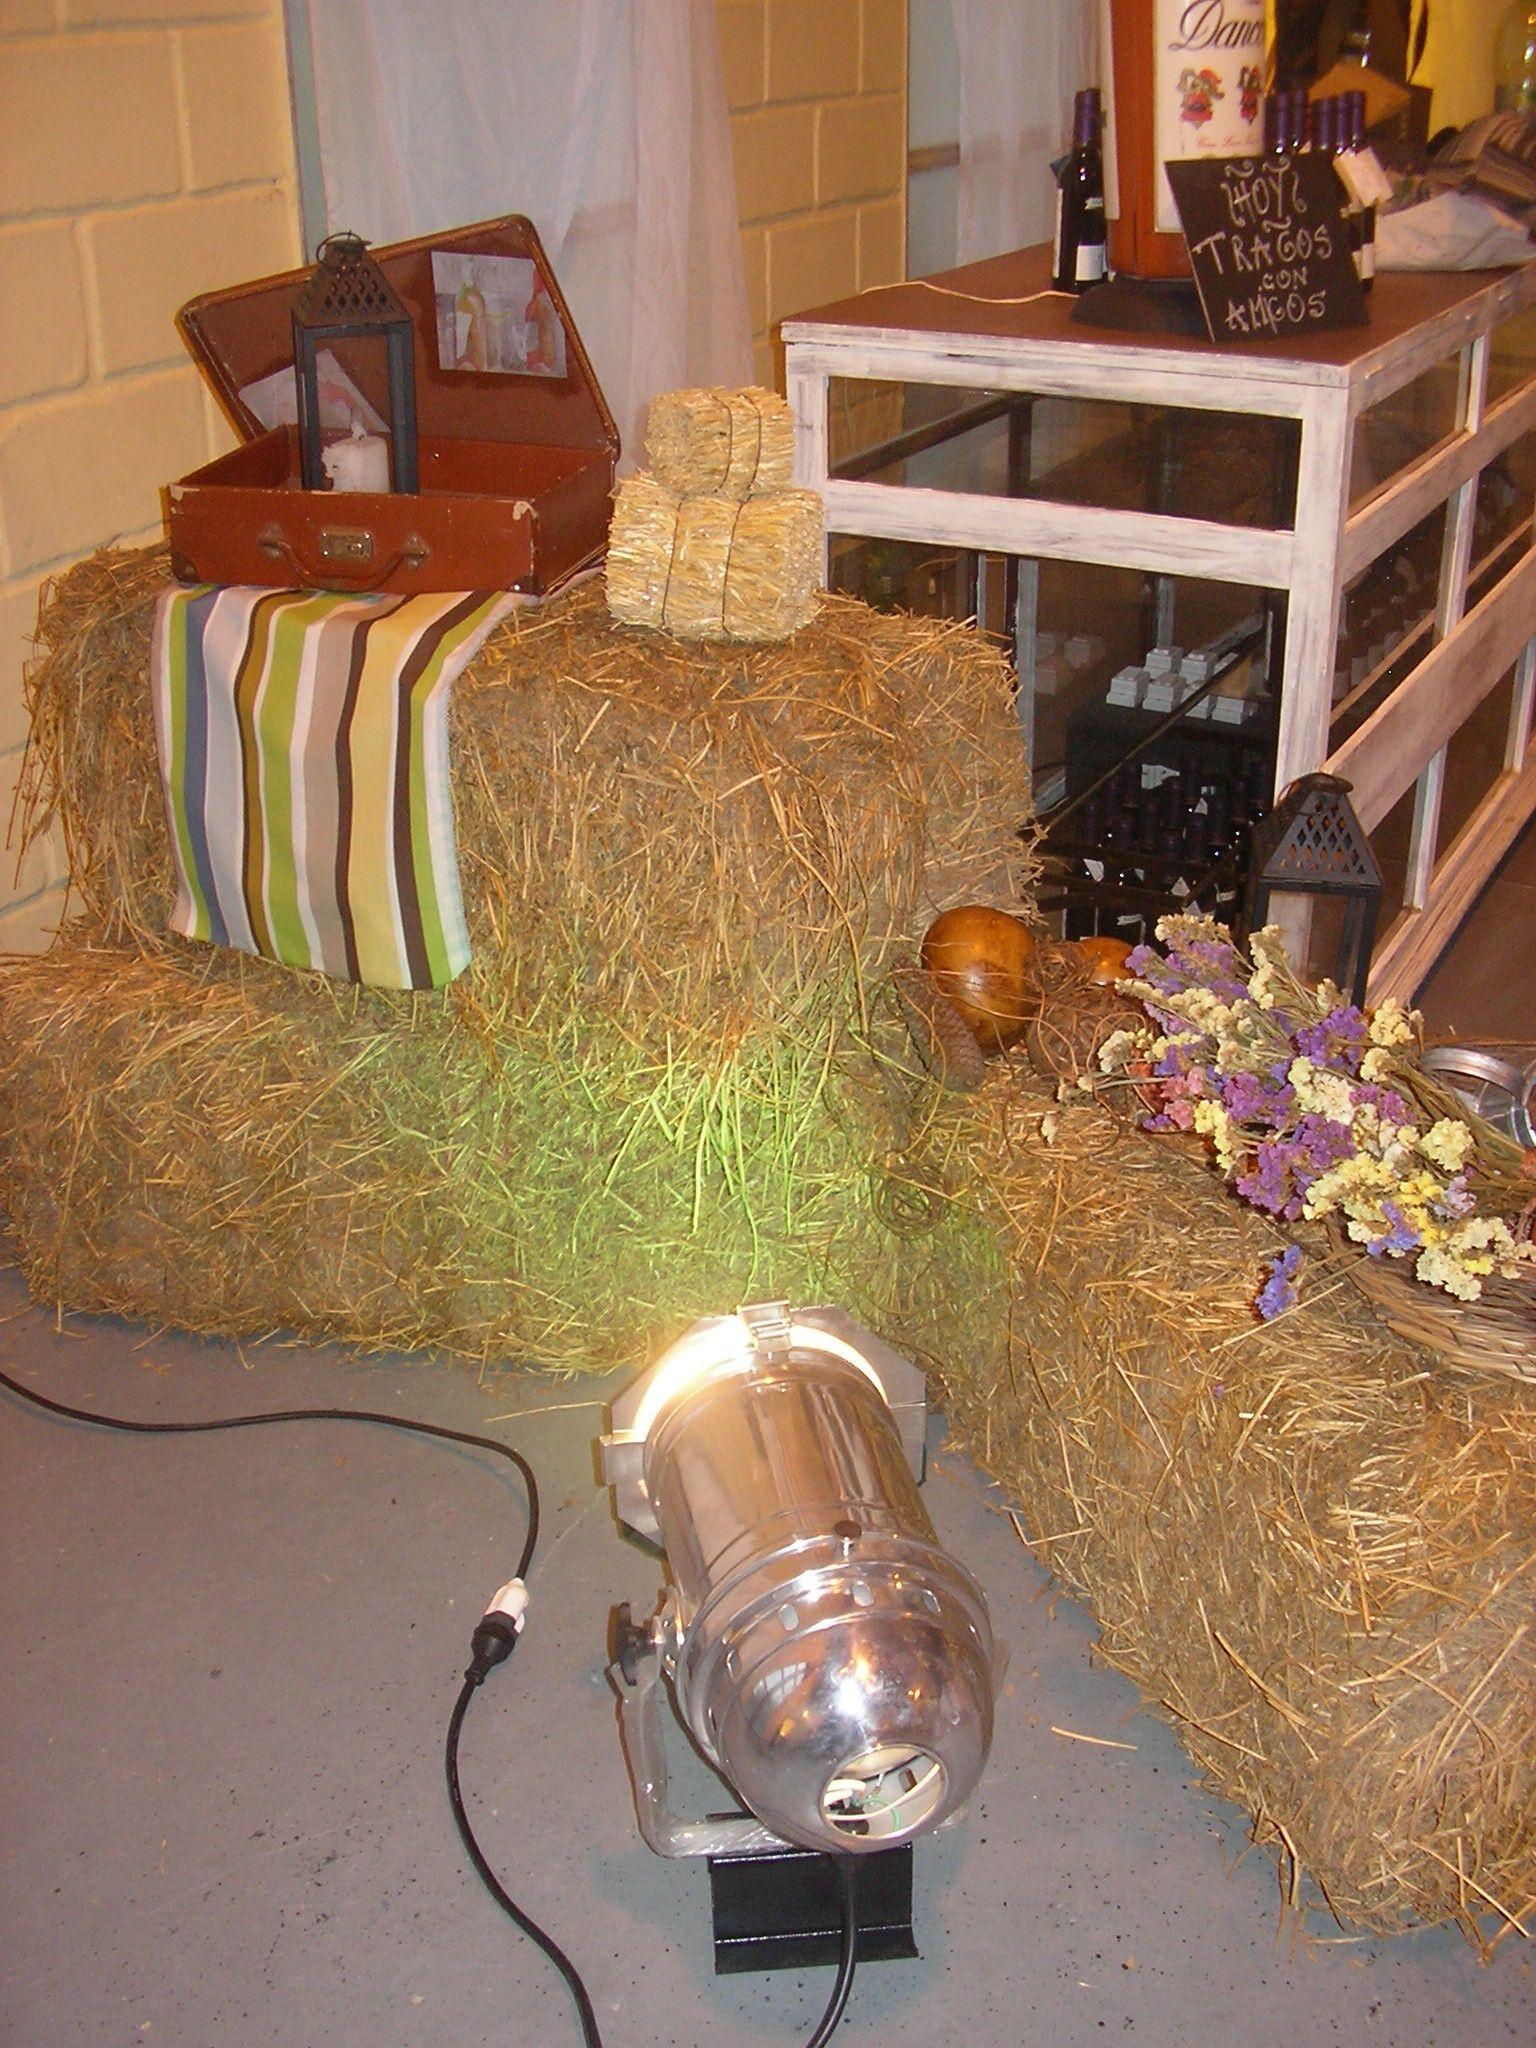 espacio ambientado en evento campestre Ladecora creando espacios...